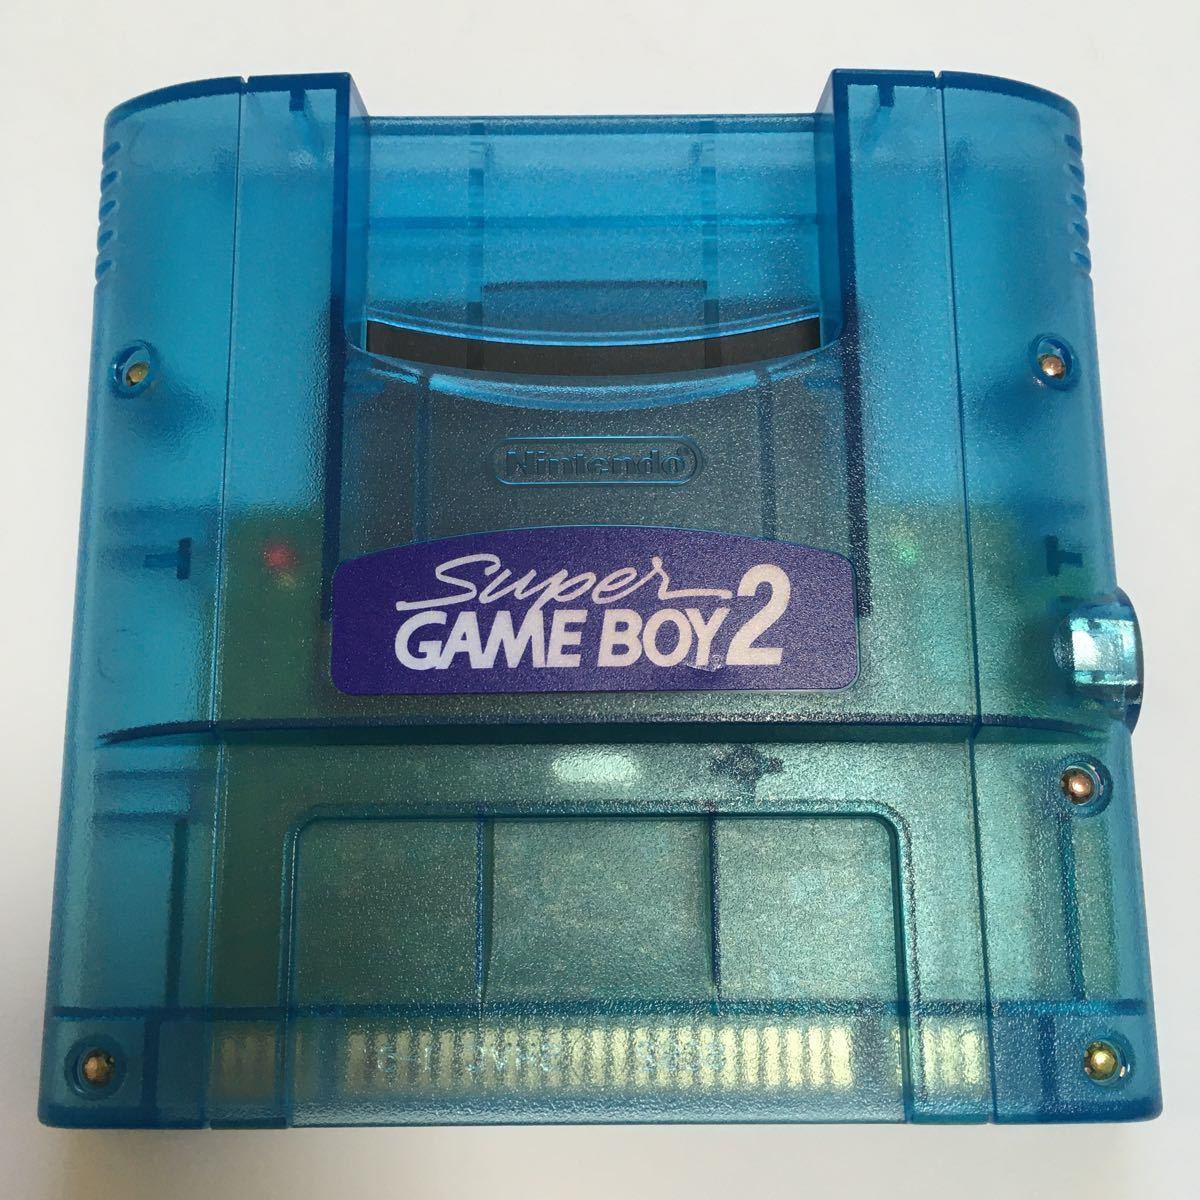 スーパーゲームボーイ2  スーパーファミコン SFC  動作確認済み スーファミ カセット ゲーム ソフト レトロ ポケモン